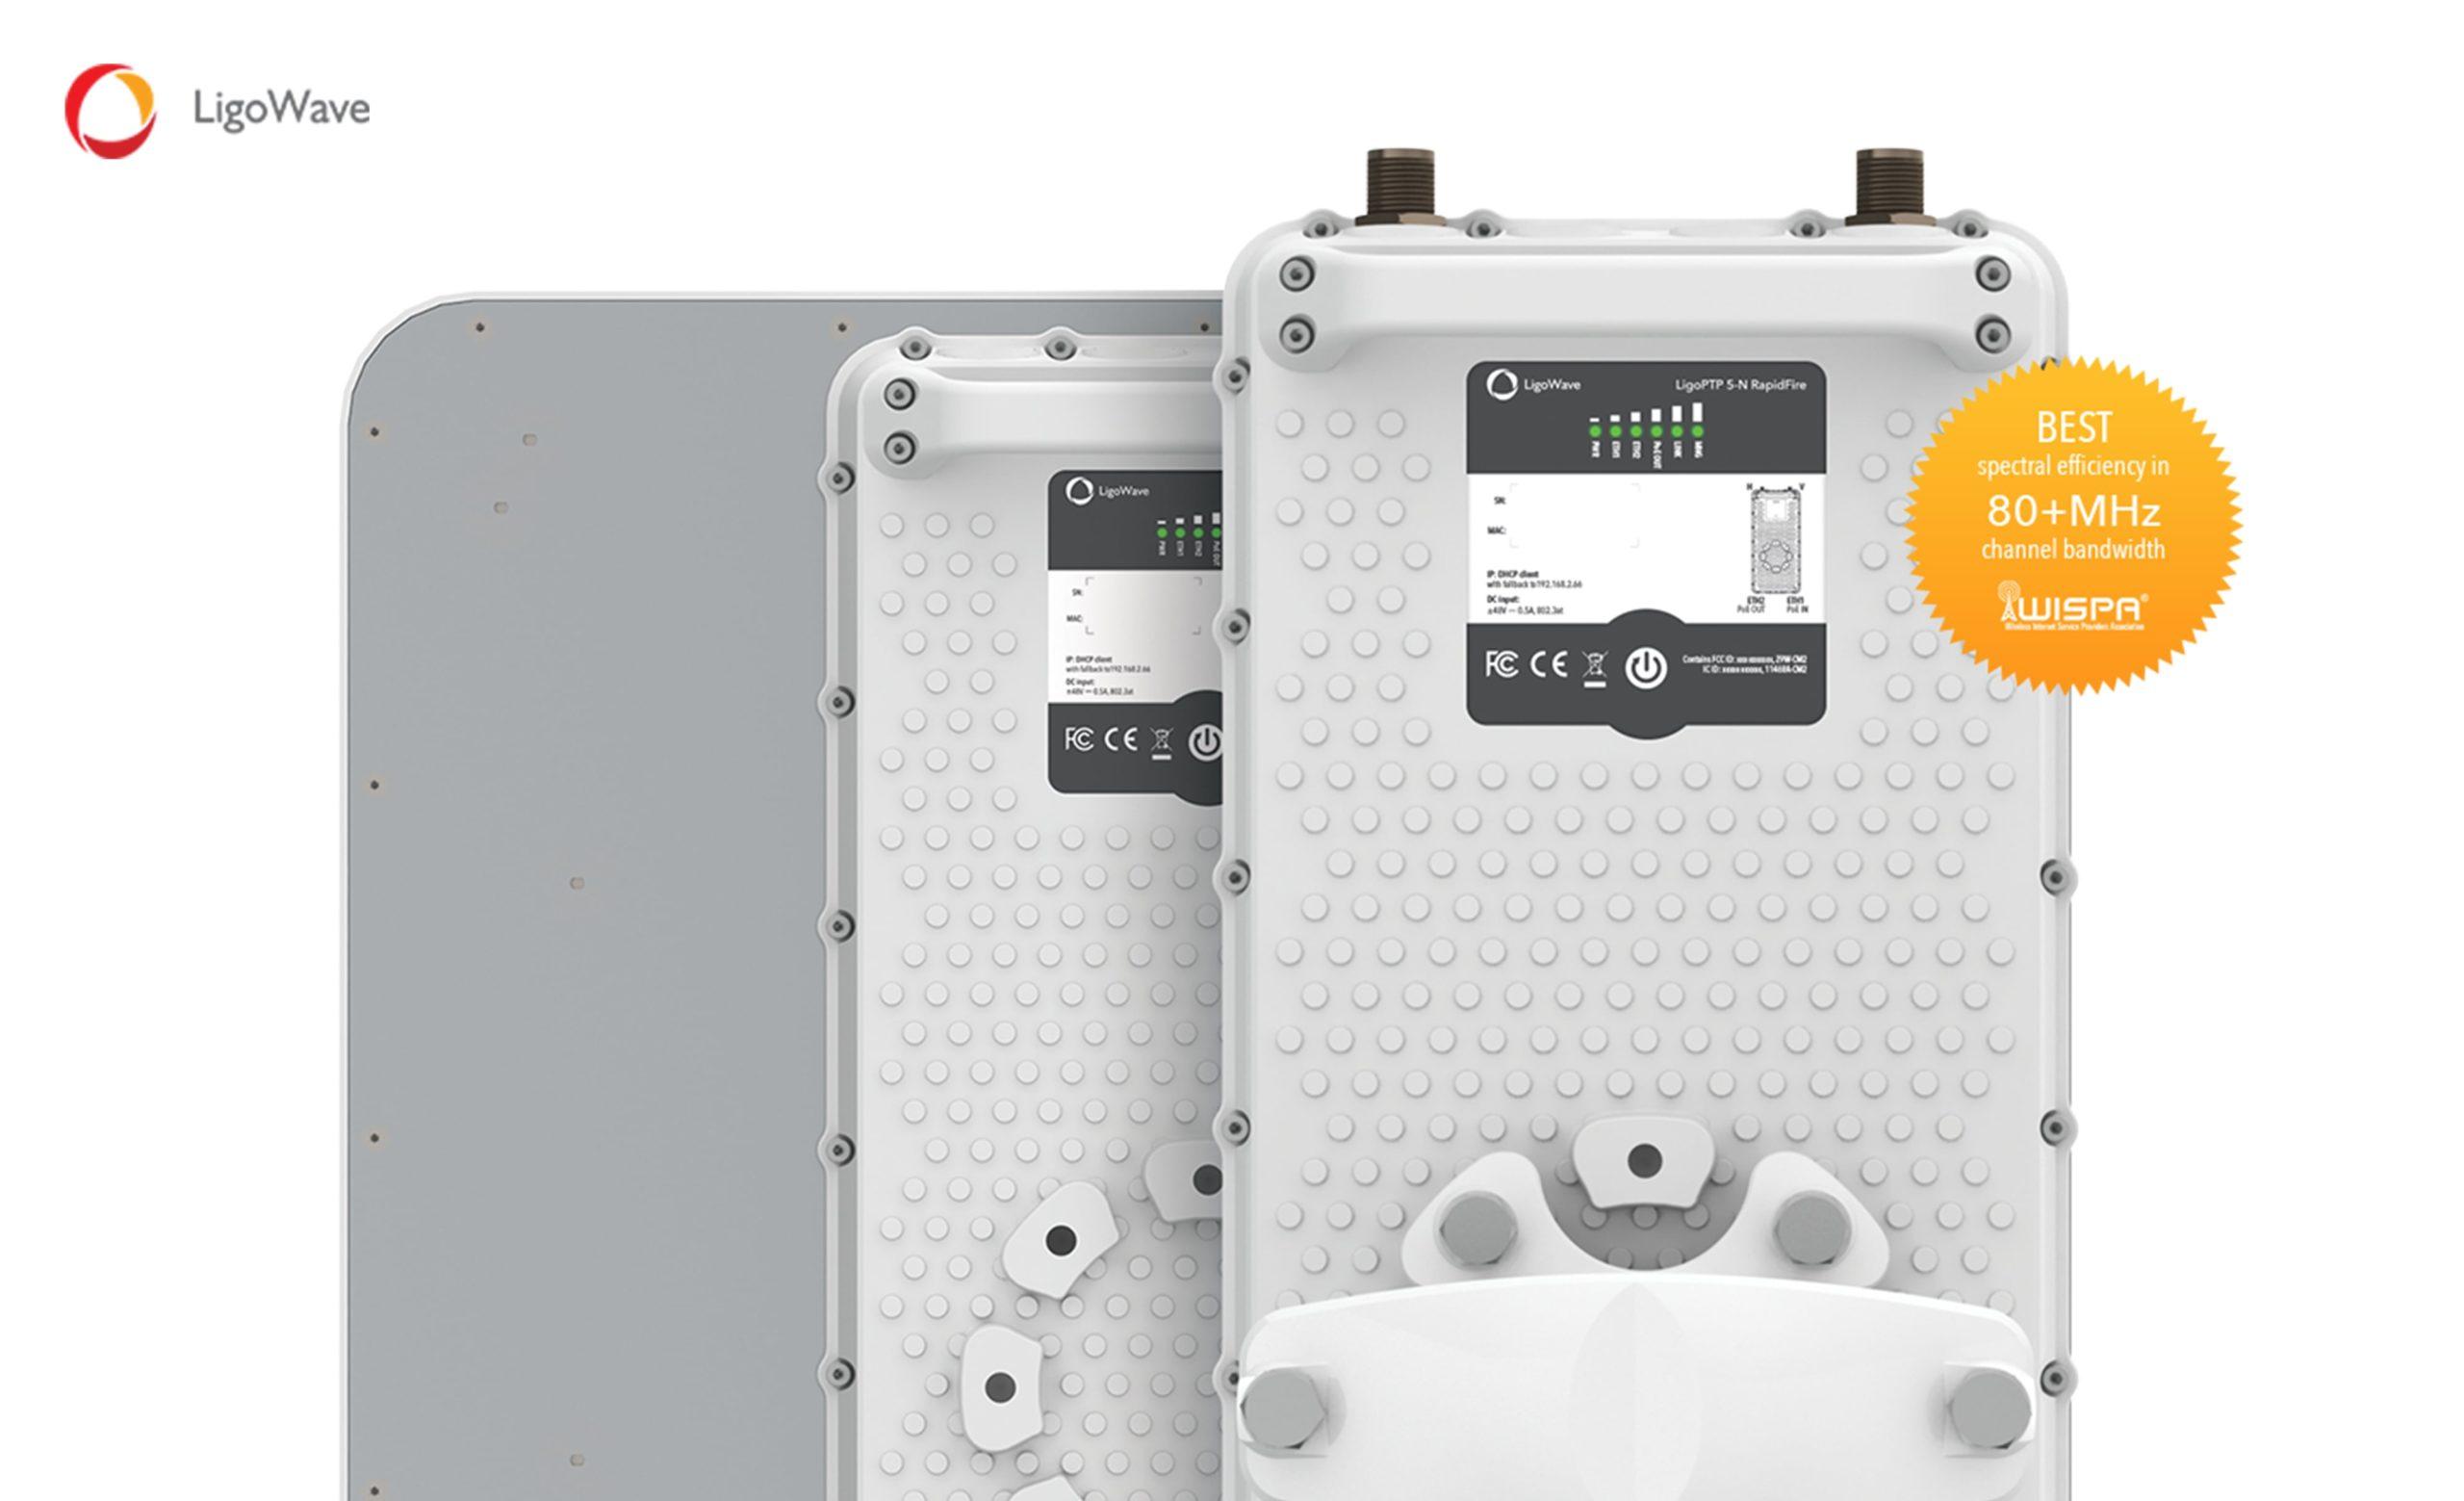 Wifi versterker? - Sterker access point voor sneller internet | De Netwerkspecialist